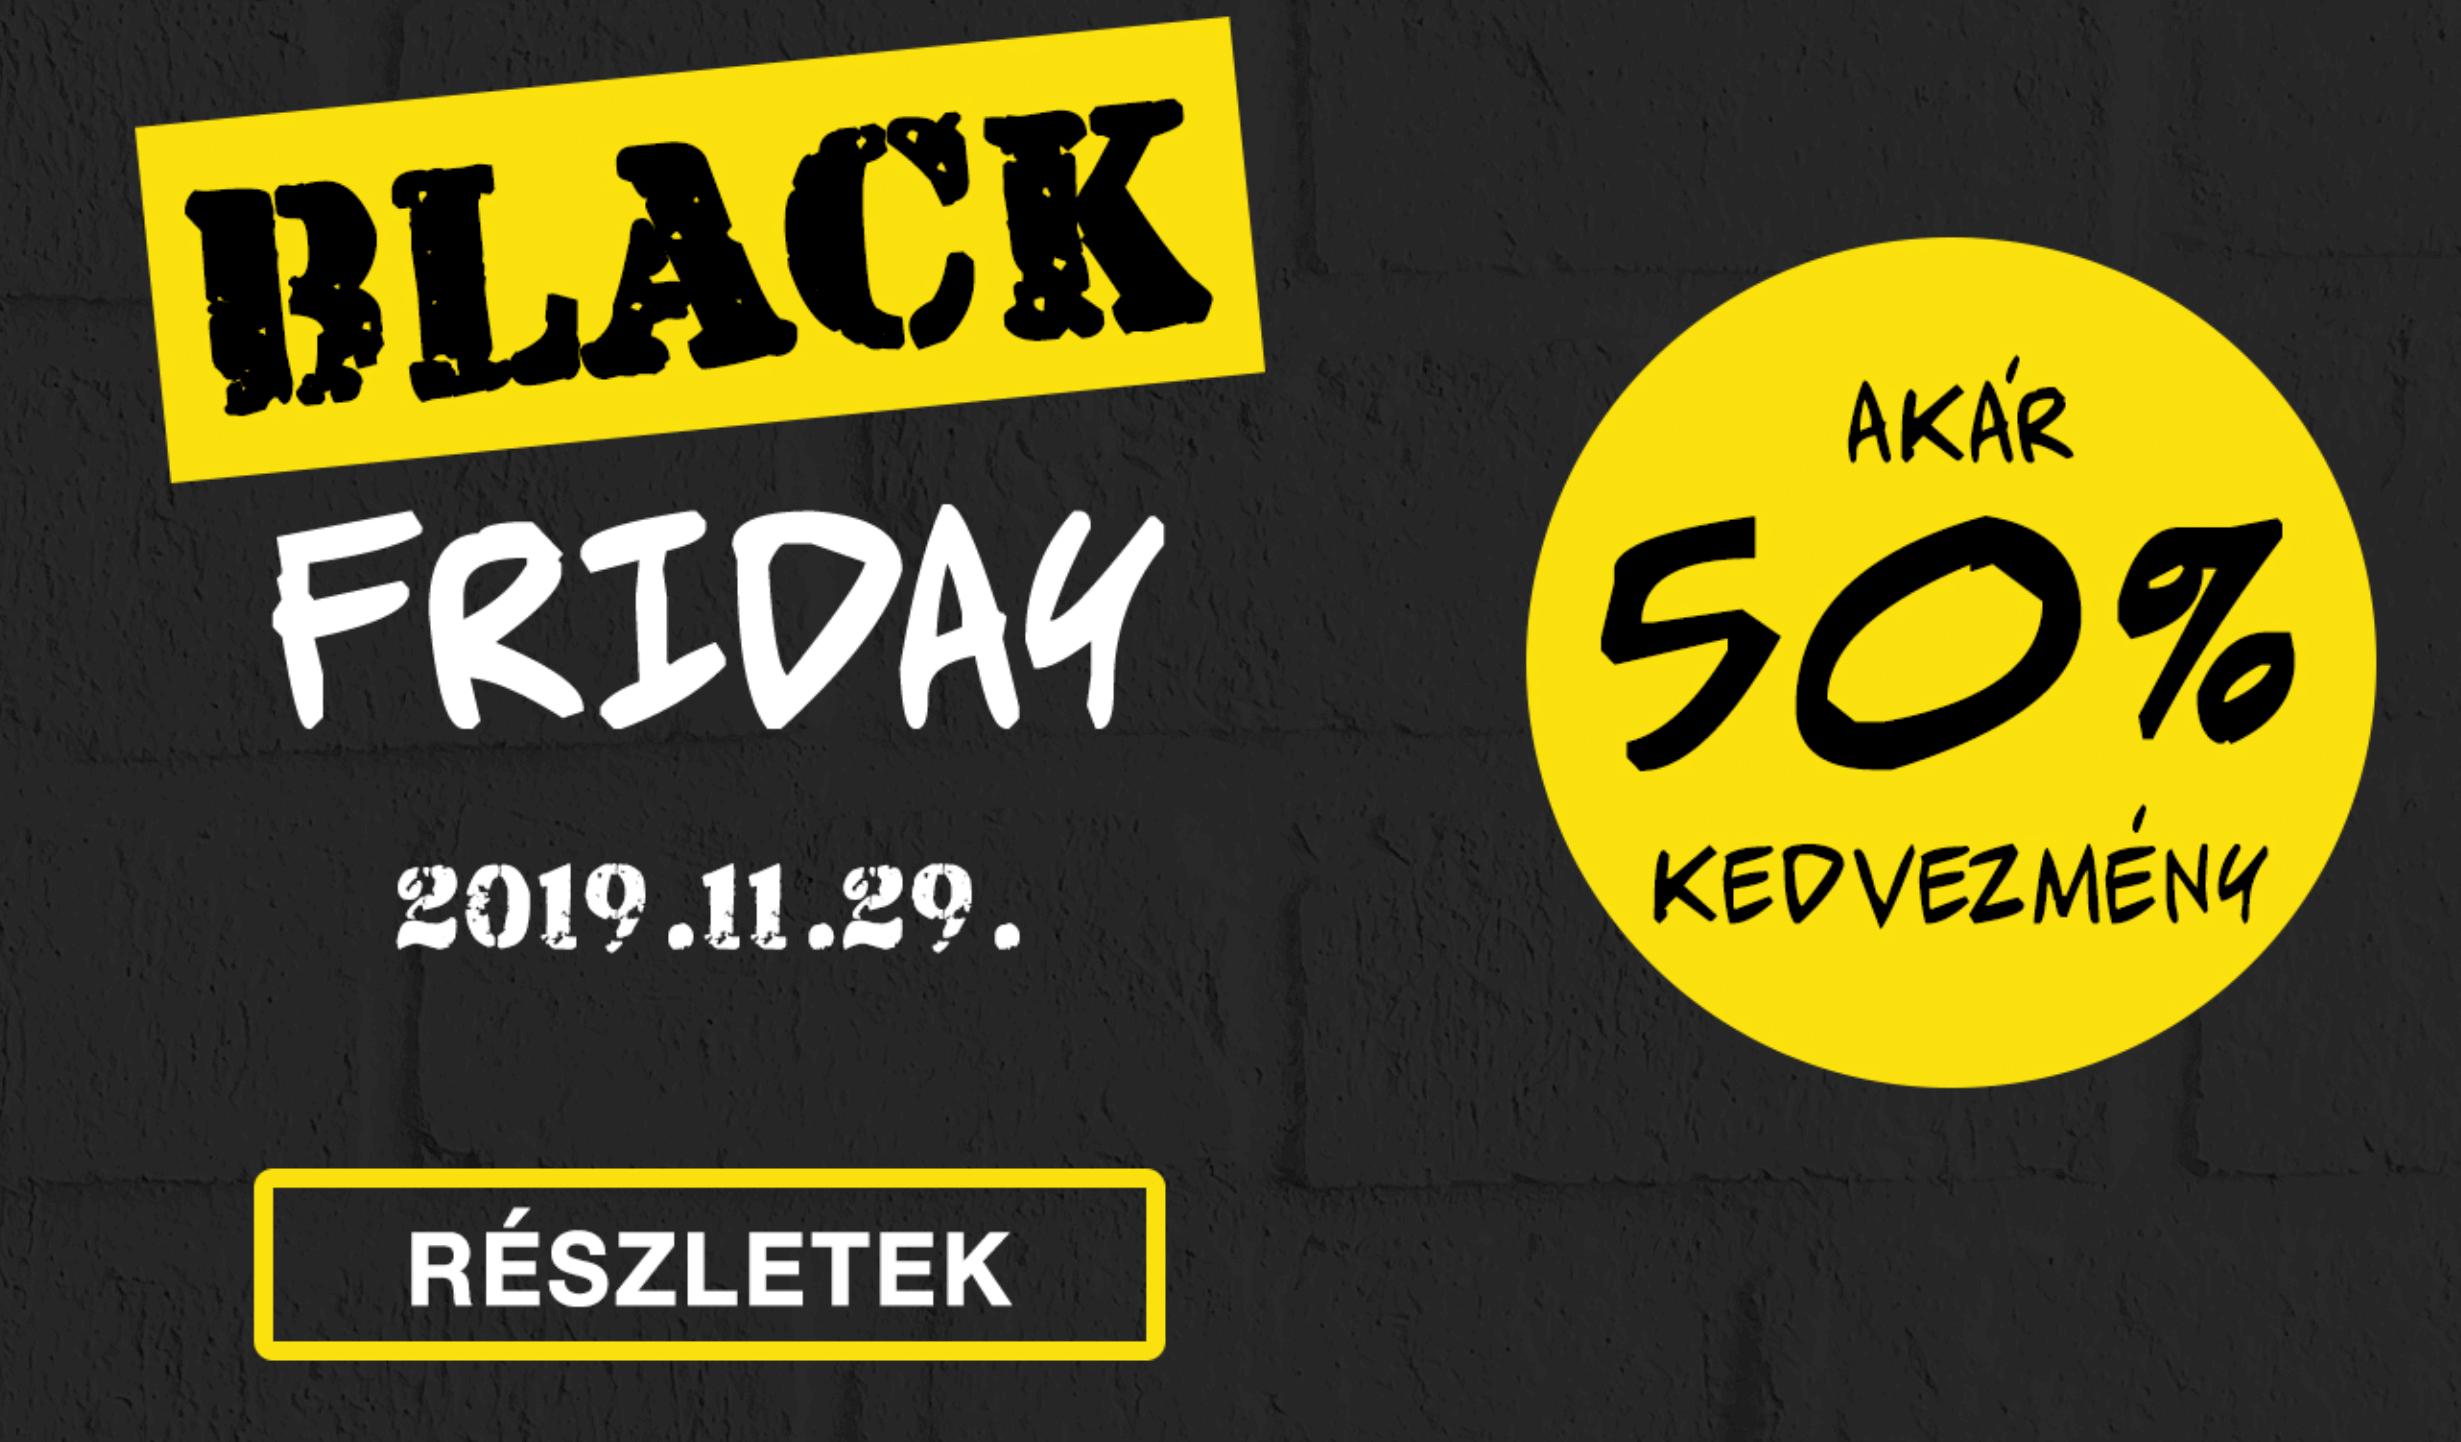 Black Friday 2019 -  Fekete Pénteki Akciók a Styleboltban